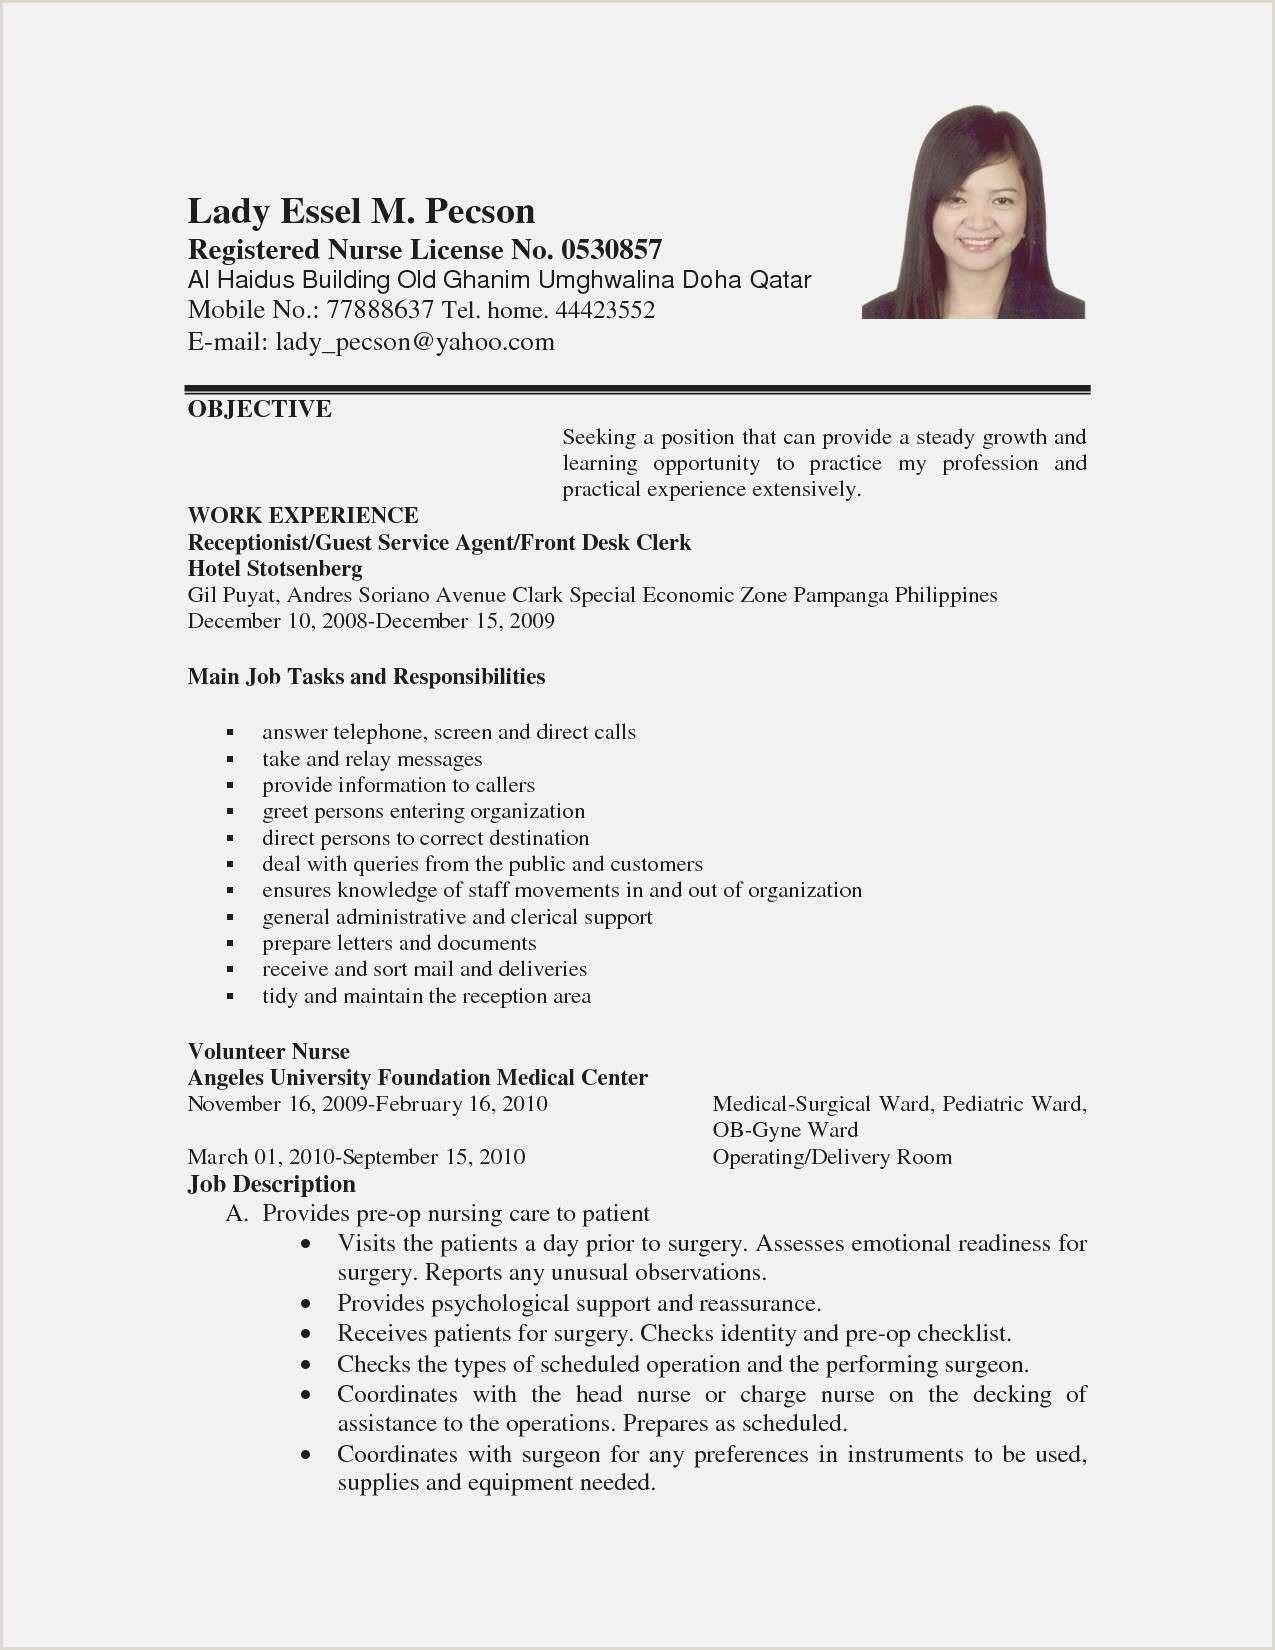 Modele Cv original Fra che Fresh Blank Resume format Resume